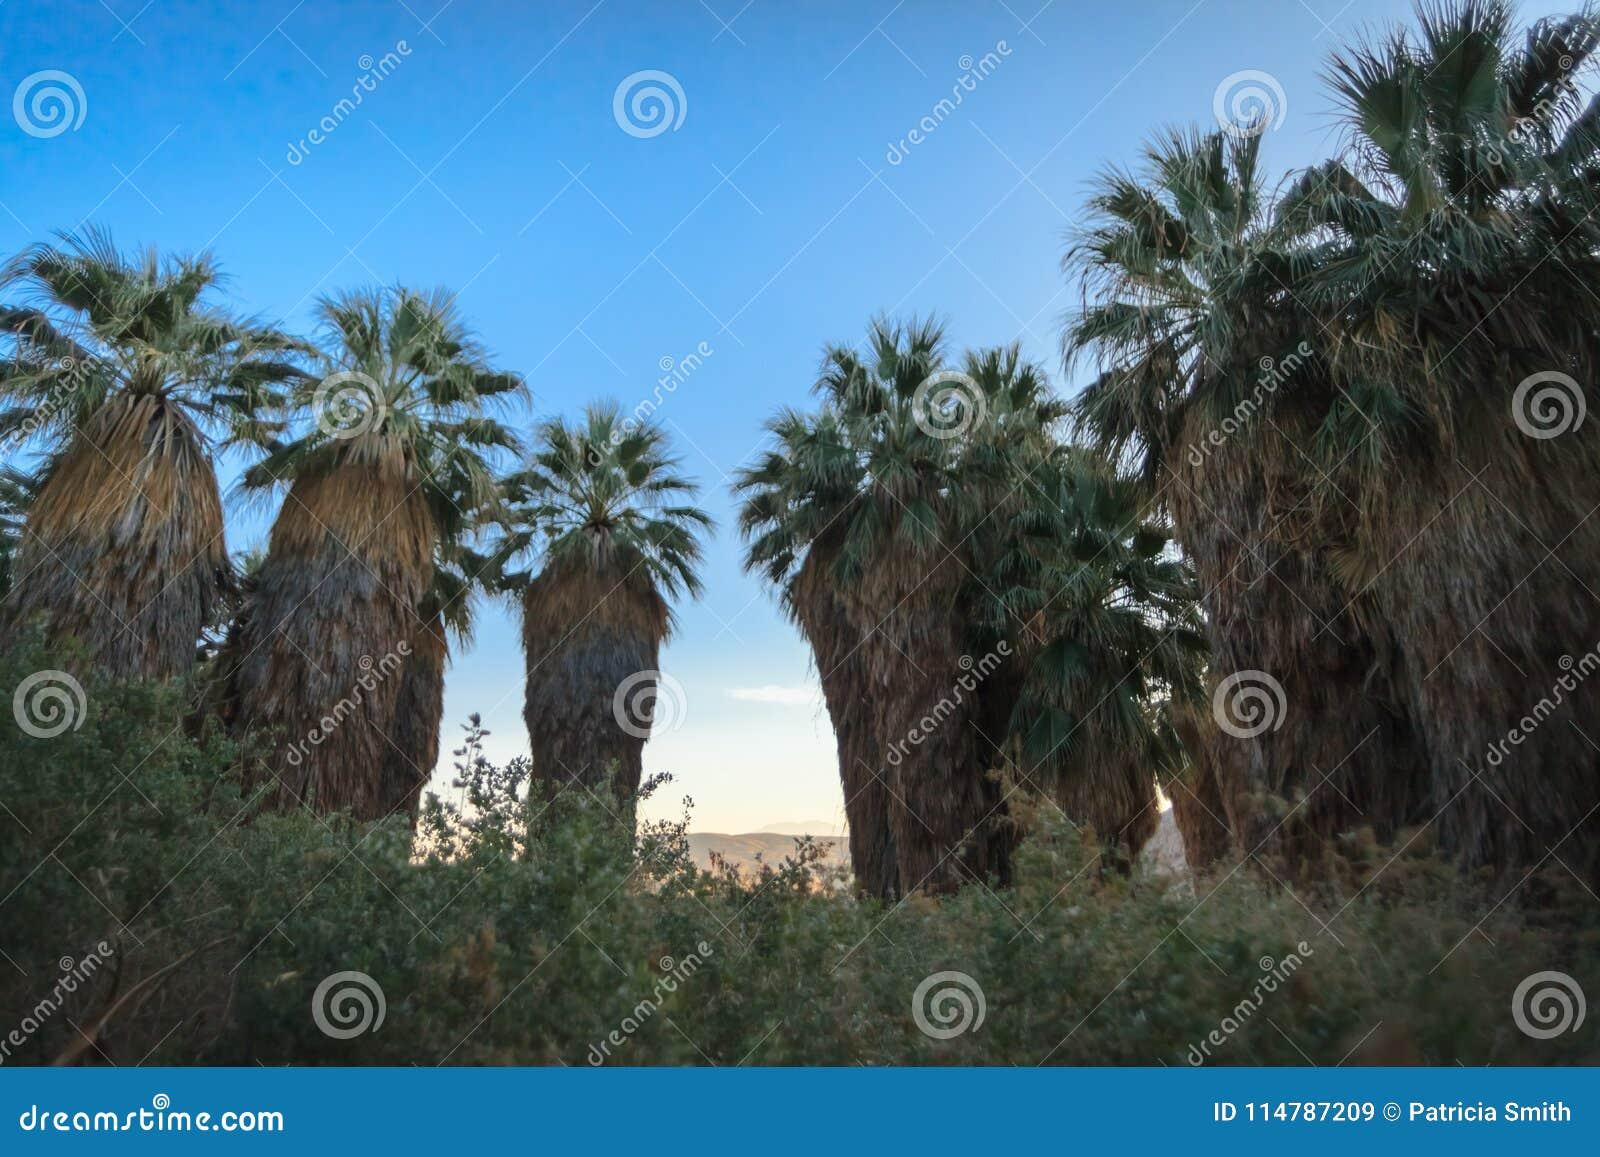 Drzewka palmowe przy Tysiąc palmy oazy prezerwami